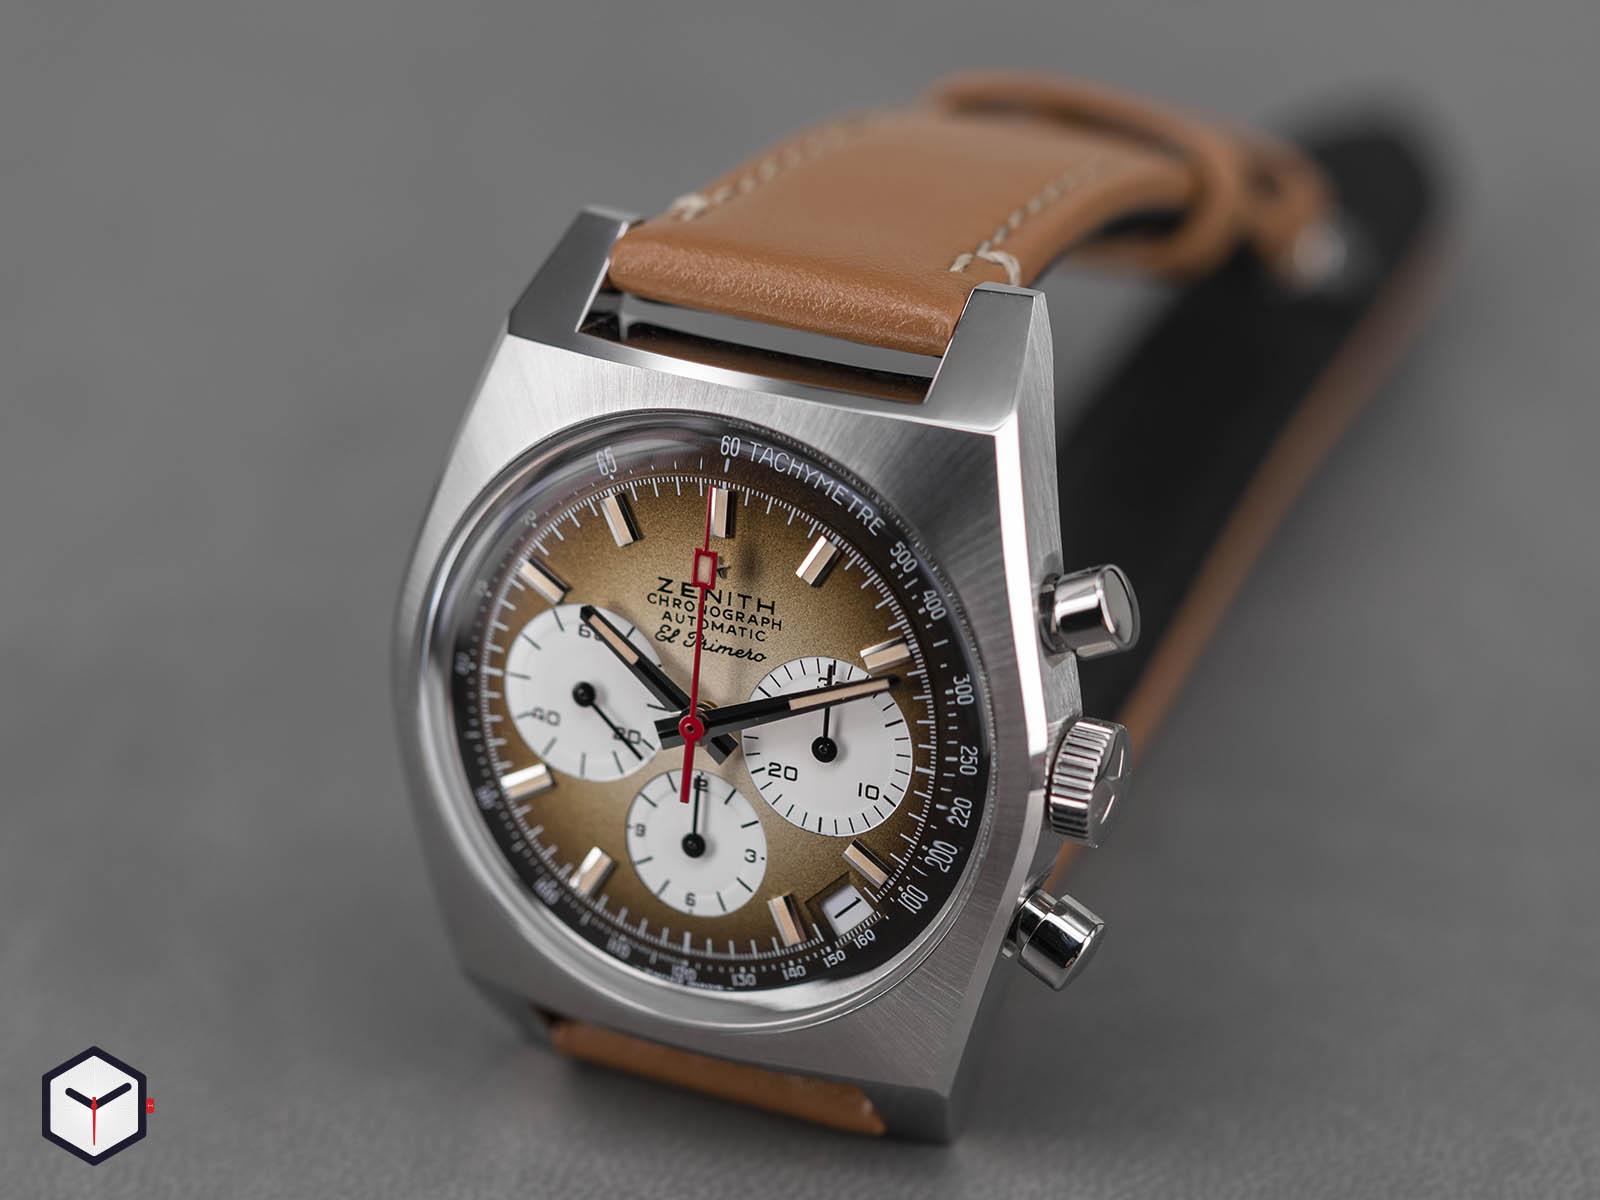 03-a384-400-385-c855-zenith-chronomaster-revival-a385-4-1.jpg